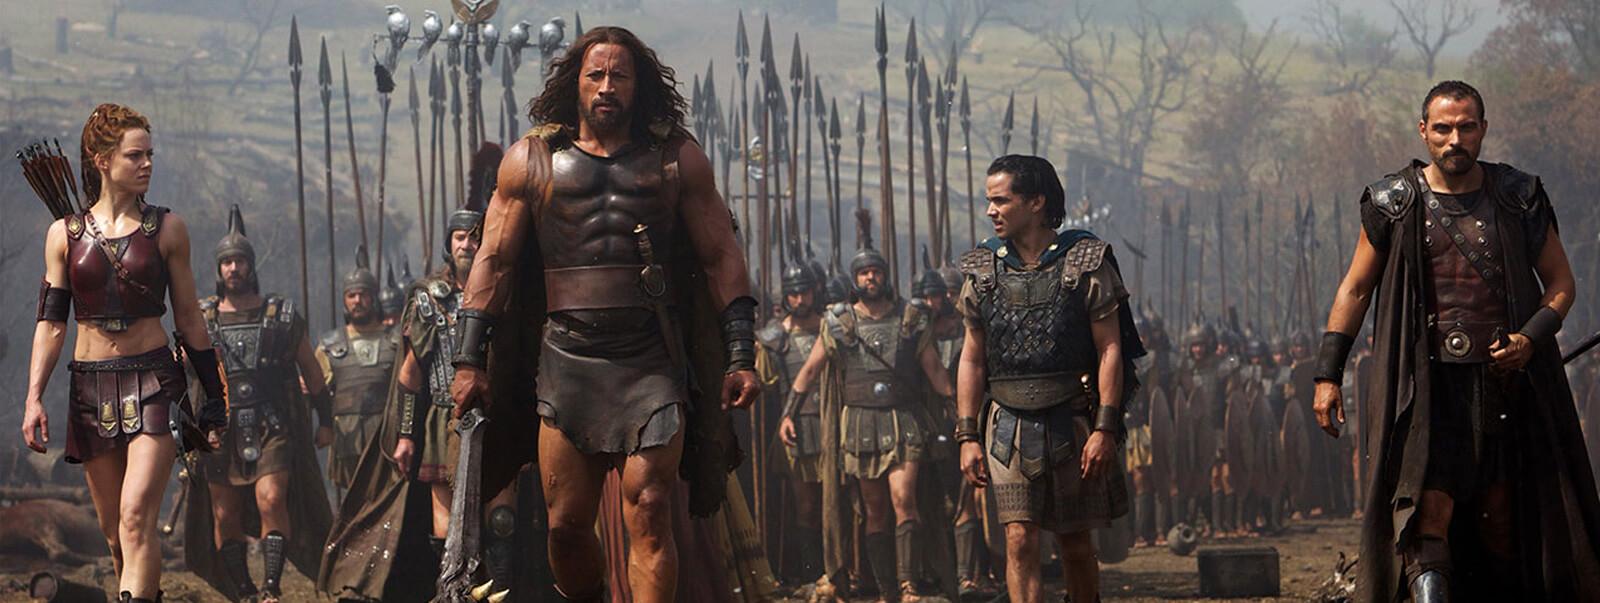 Hercules Full Width